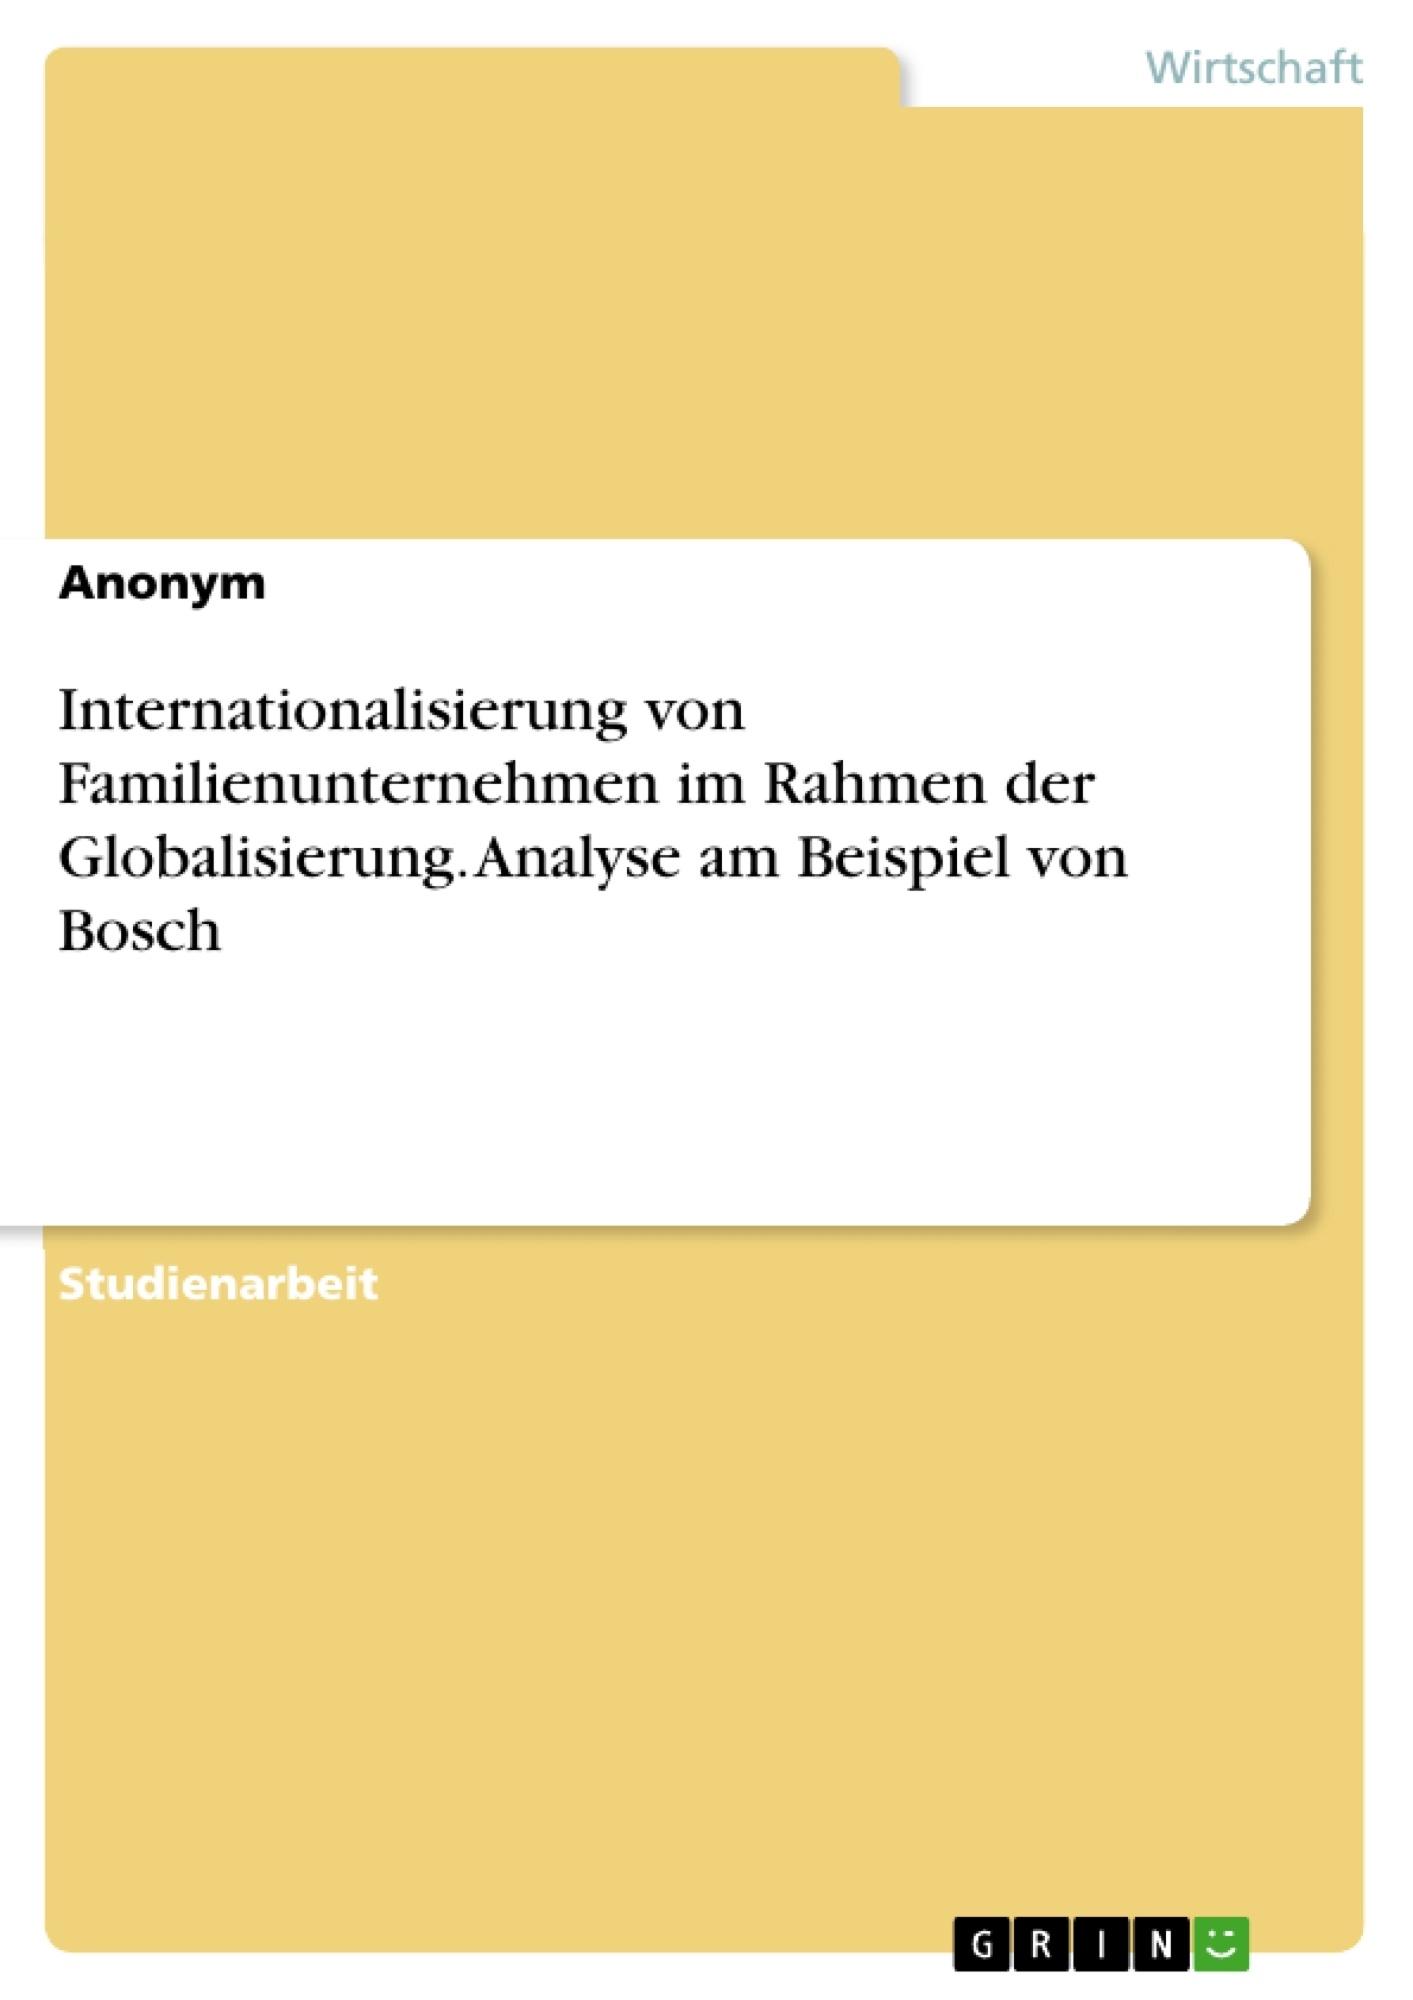 Titel: Internationalisierung von Familienunternehmen im Rahmen der Globalisierung. Analyse am Beispiel von Bosch